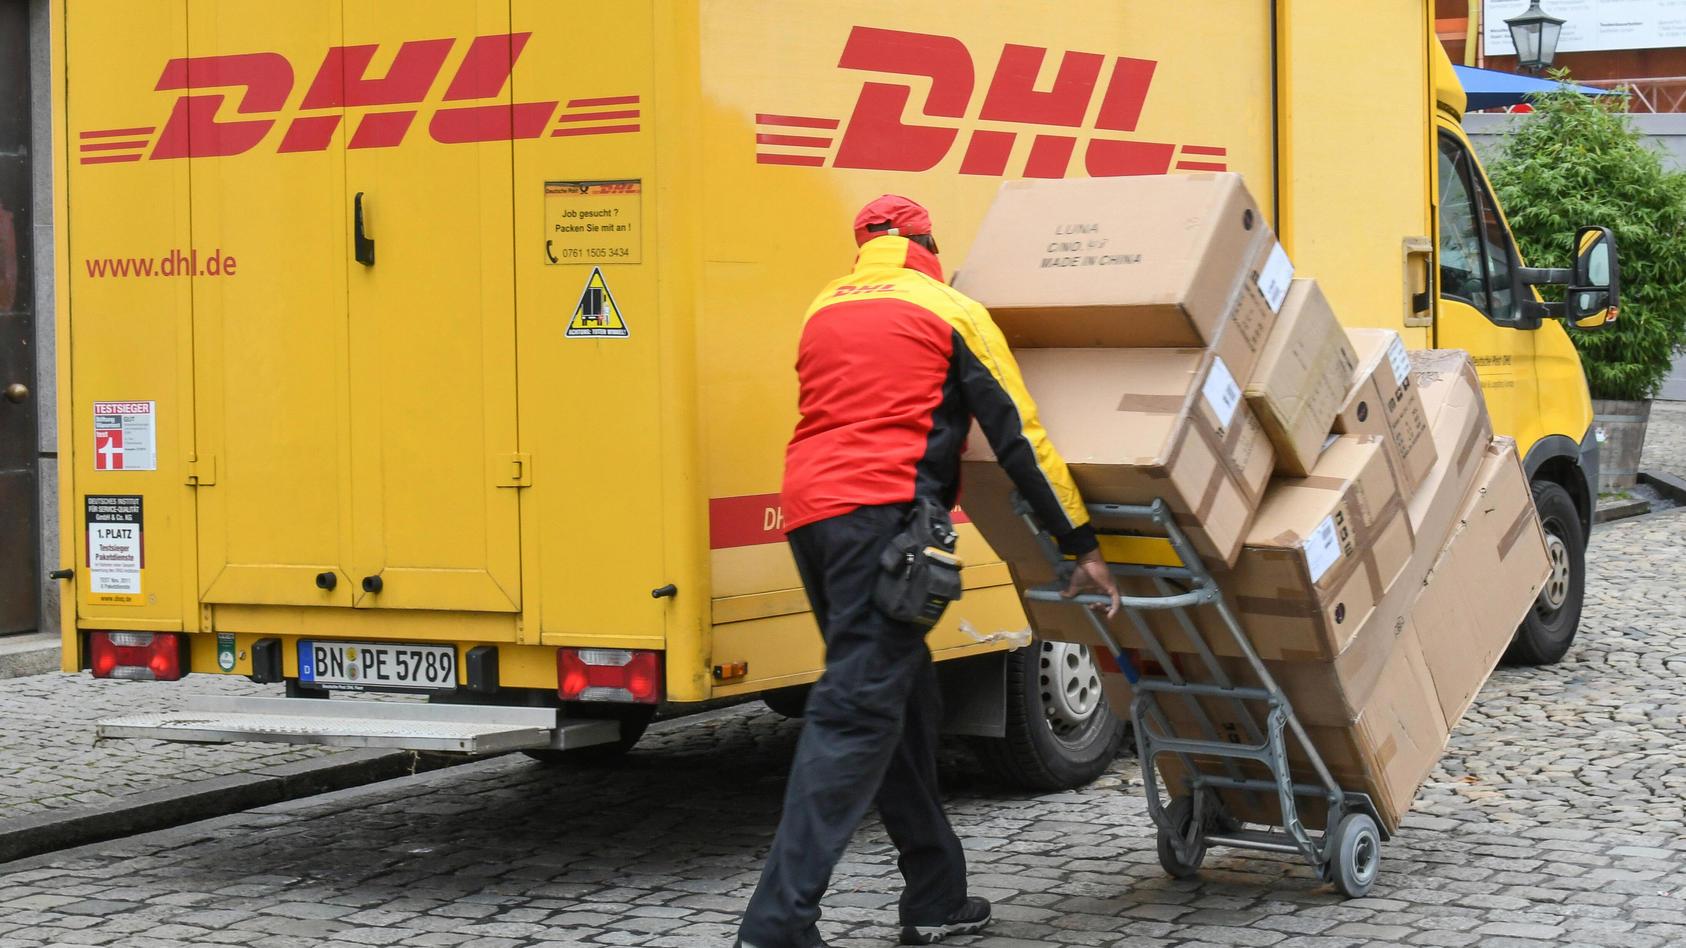 DHL-Paketzustellung in der Vorweihnachtszeit in Freiburg. *** DHL parcel delivery in Freiburg during the pre-Christmas